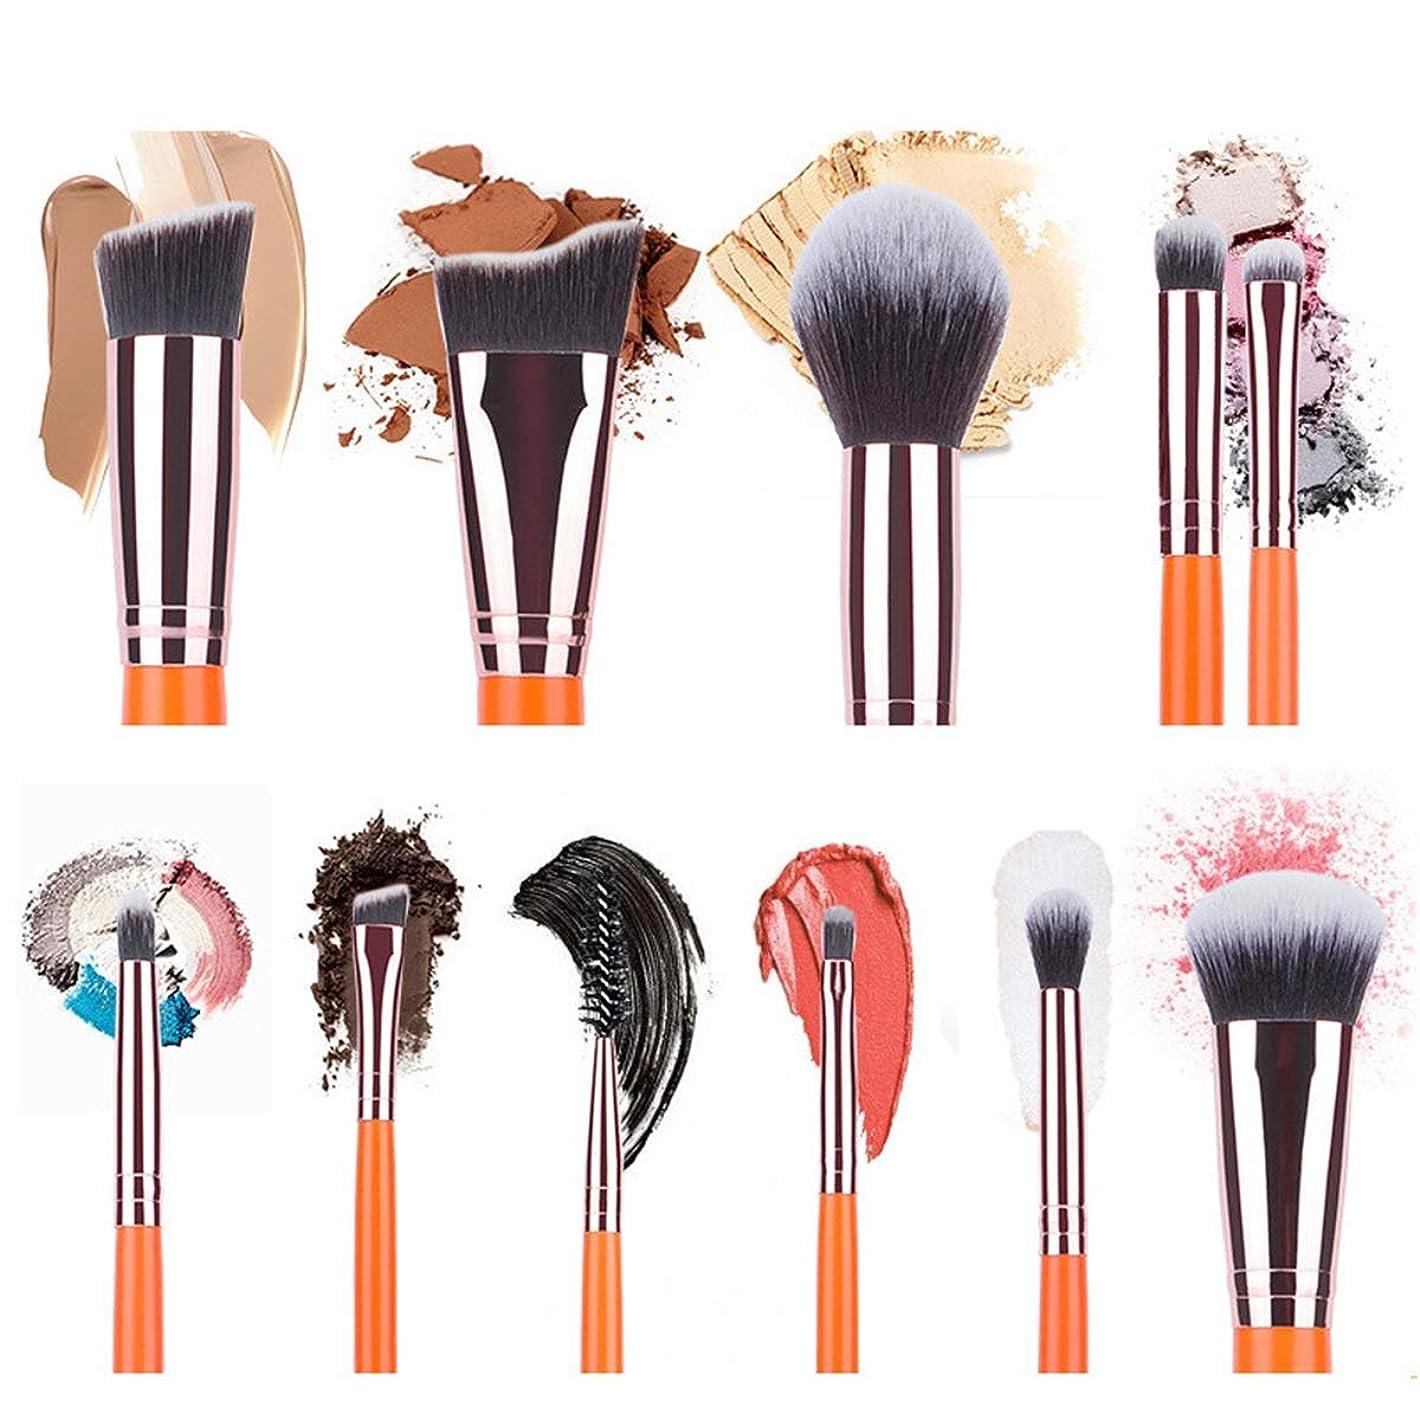 野な即席邪魔する化粧用品 11ピースオレンジ化粧ブラシセットブラシセットブラシルースパウダーブラッシュアイシャドウフルセットの化粧道具セット